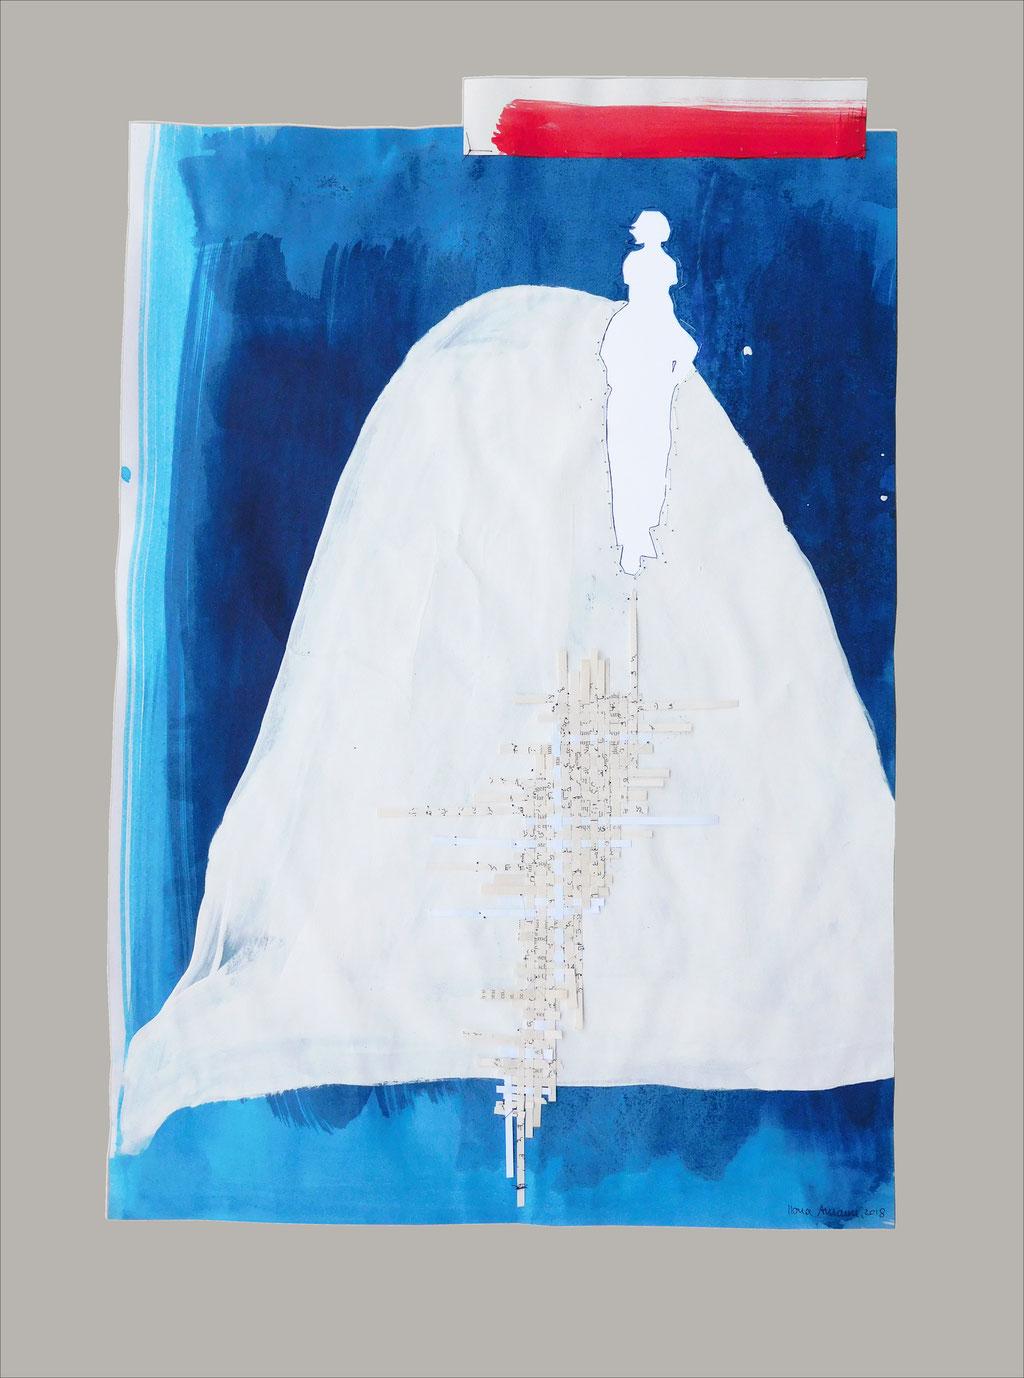 """aus der Serie """"auf der Flucht"""", Entstehungsjahr: 2018, Technik: Papierarbeit, Collage, Stickerei, Größe: 72 cm x 52 cm"""